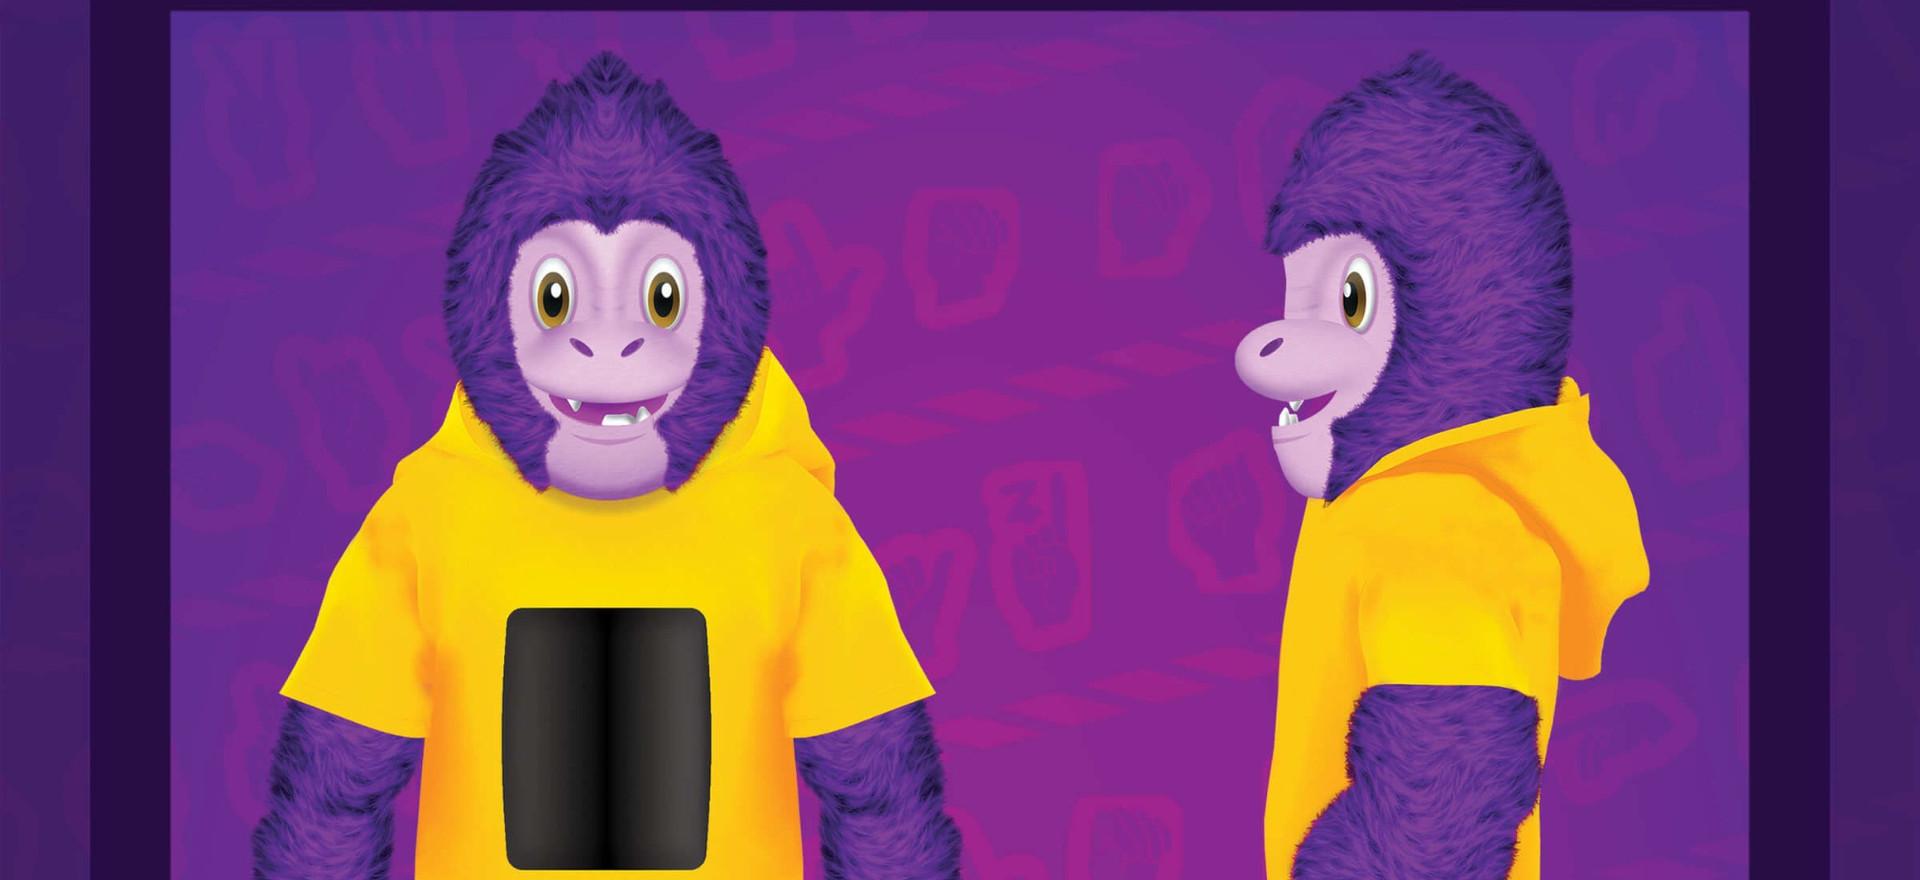 Goodwyn Gorilla